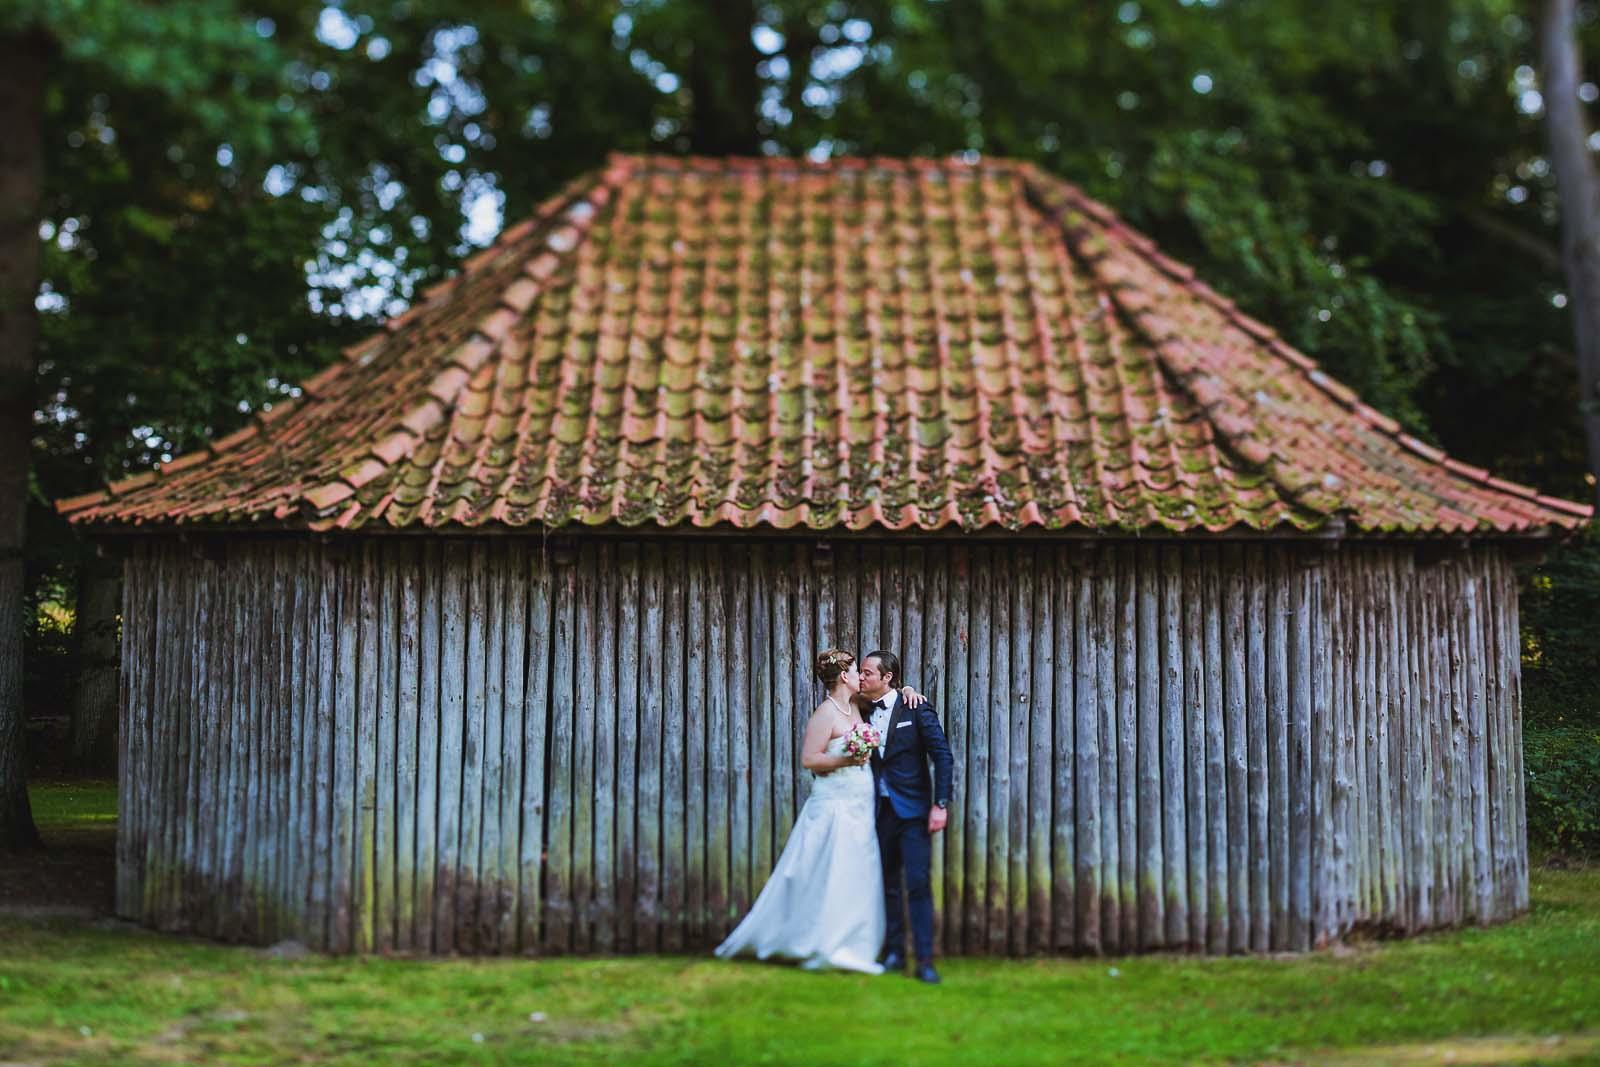 Hochzeitsfotograf Hamburg auf Gut Thansen Copyright by Hochzeitsfotograf www.berliner-hochzeitsfotografie.de